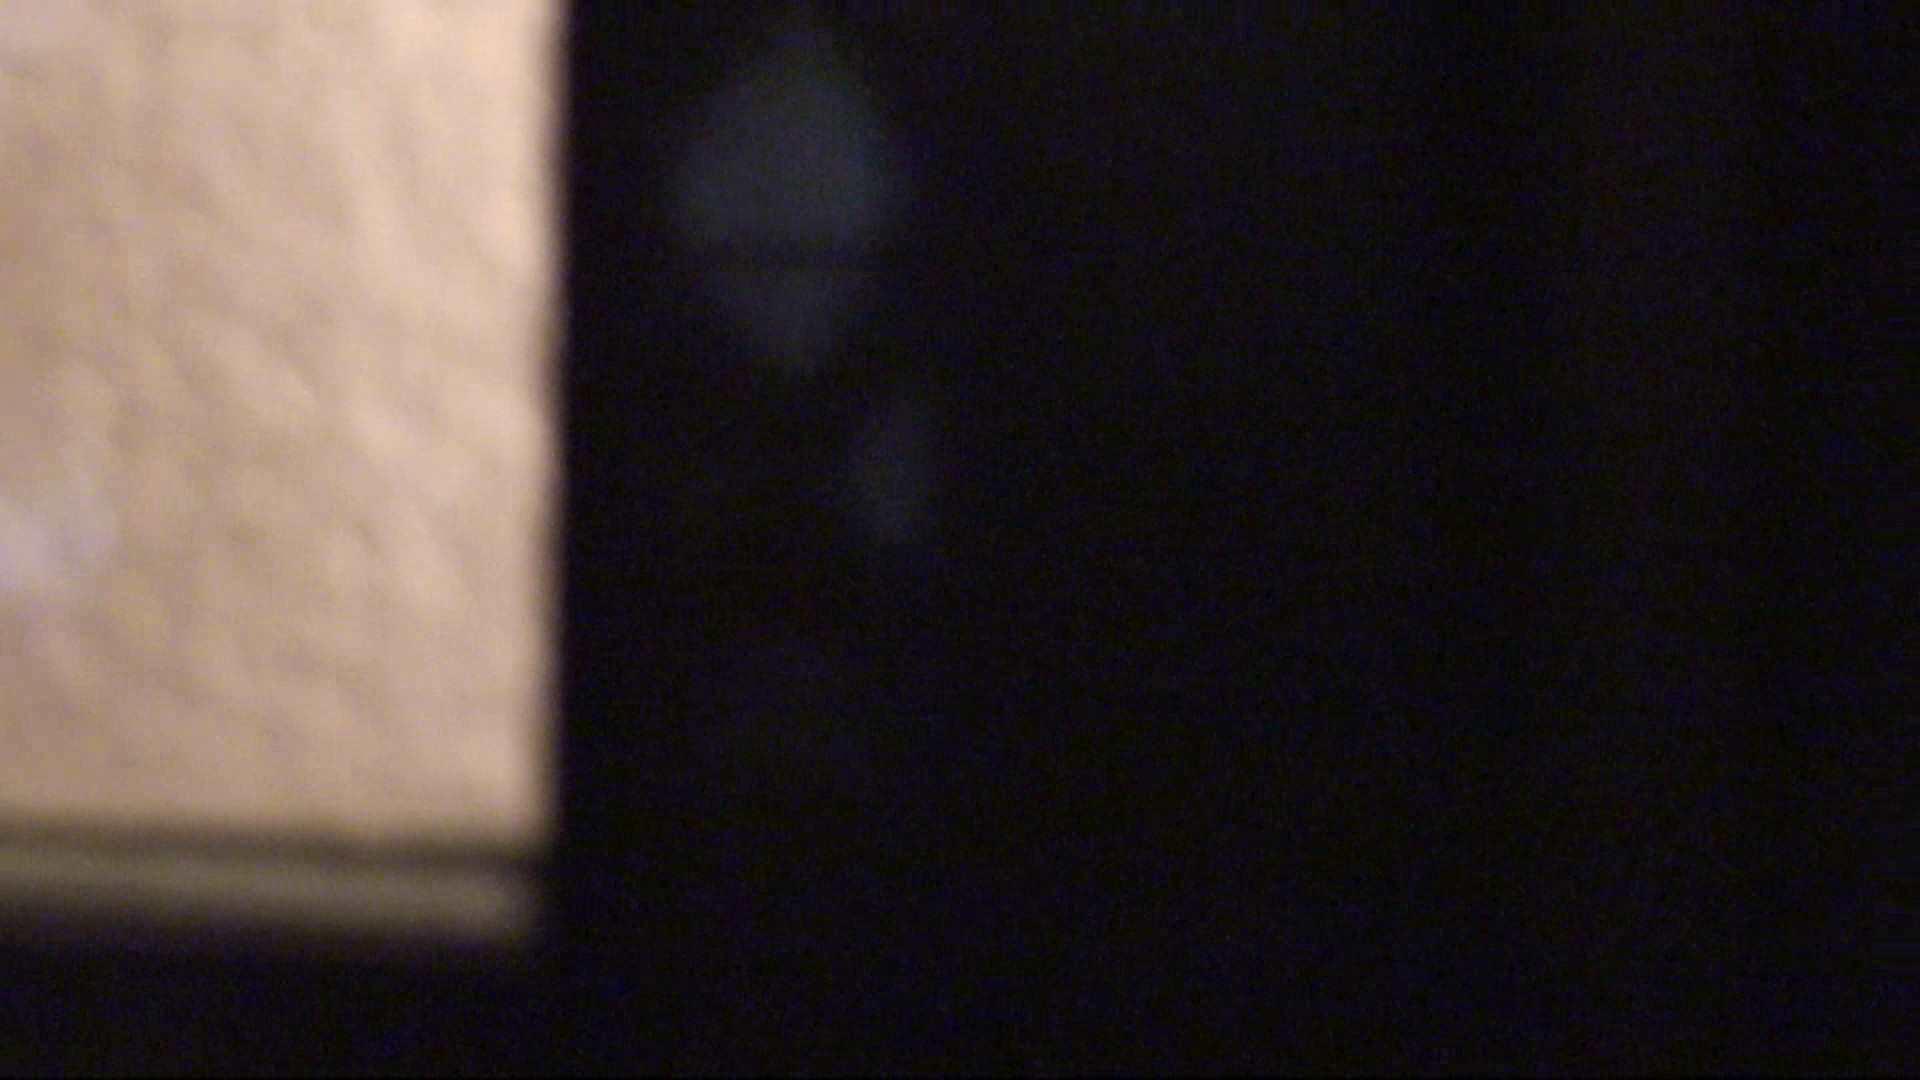 vol.01必見!白肌嬢の乳首が丸見え。極上美人のすっぴん顔をハイビジョンで! 覗き おめこ無修正動画無料 89pic 13